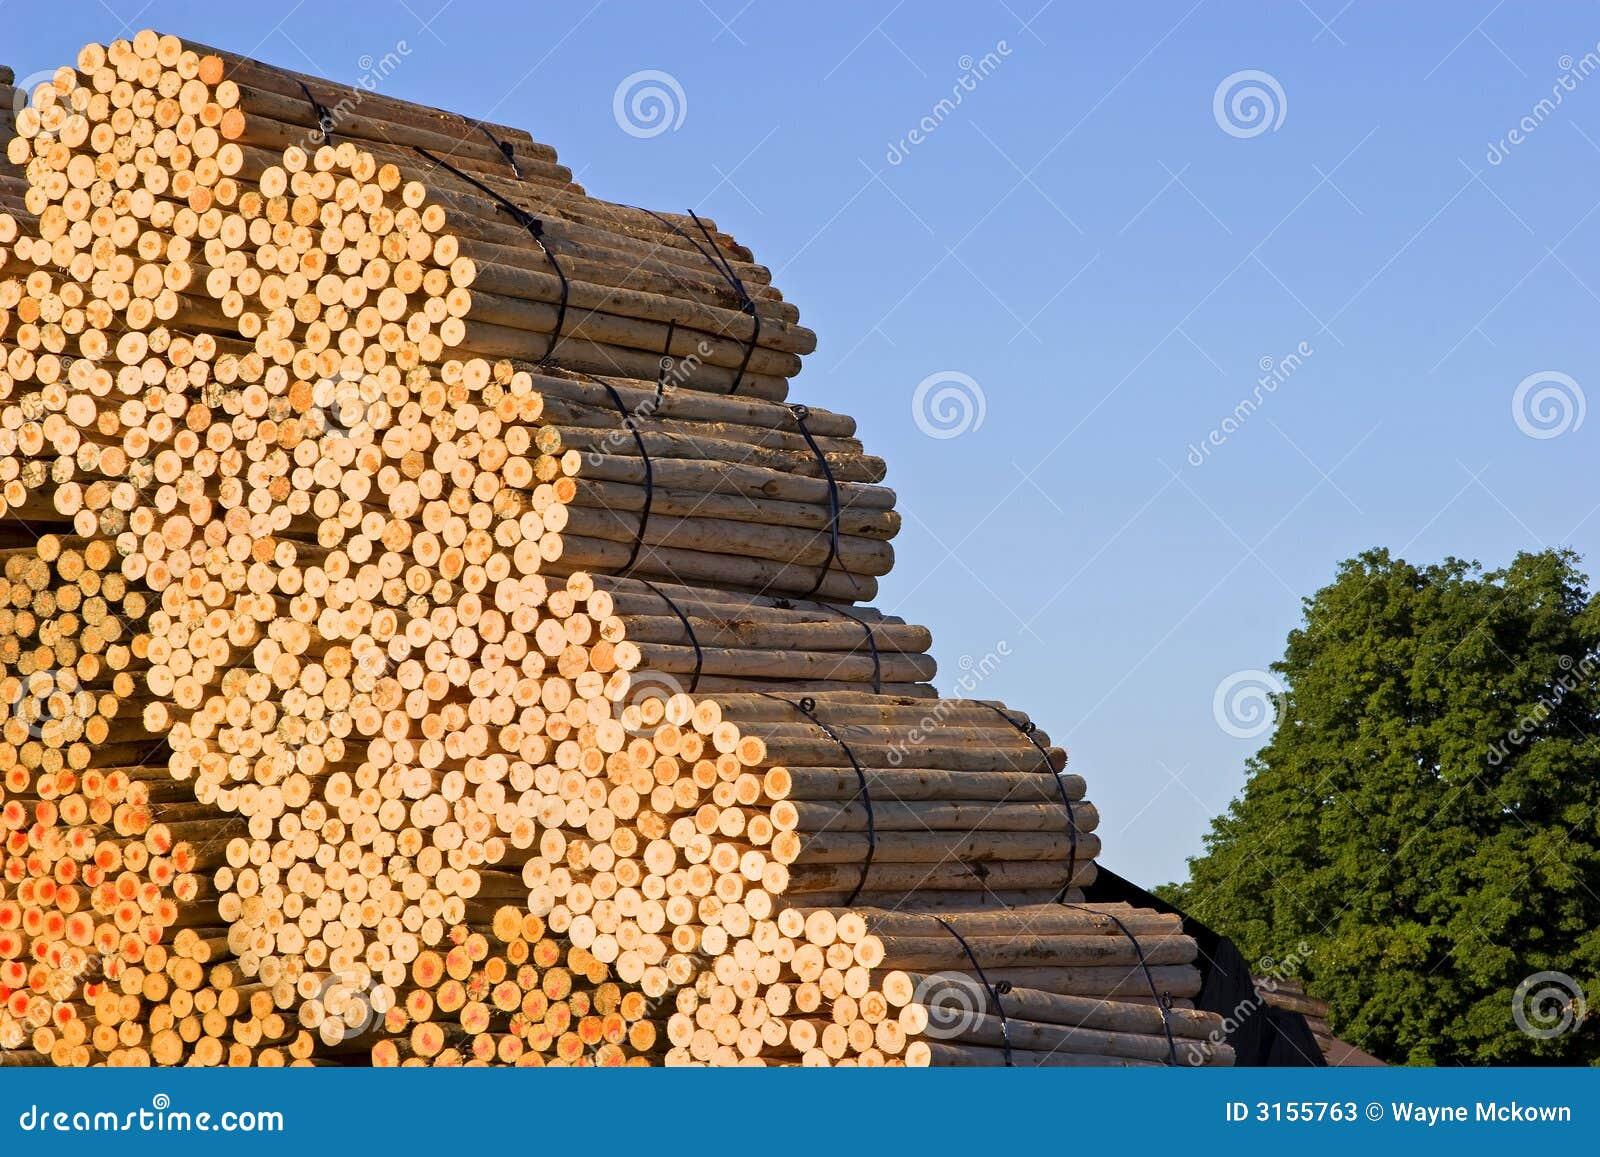 Stapels van hout bij een zaagmolen